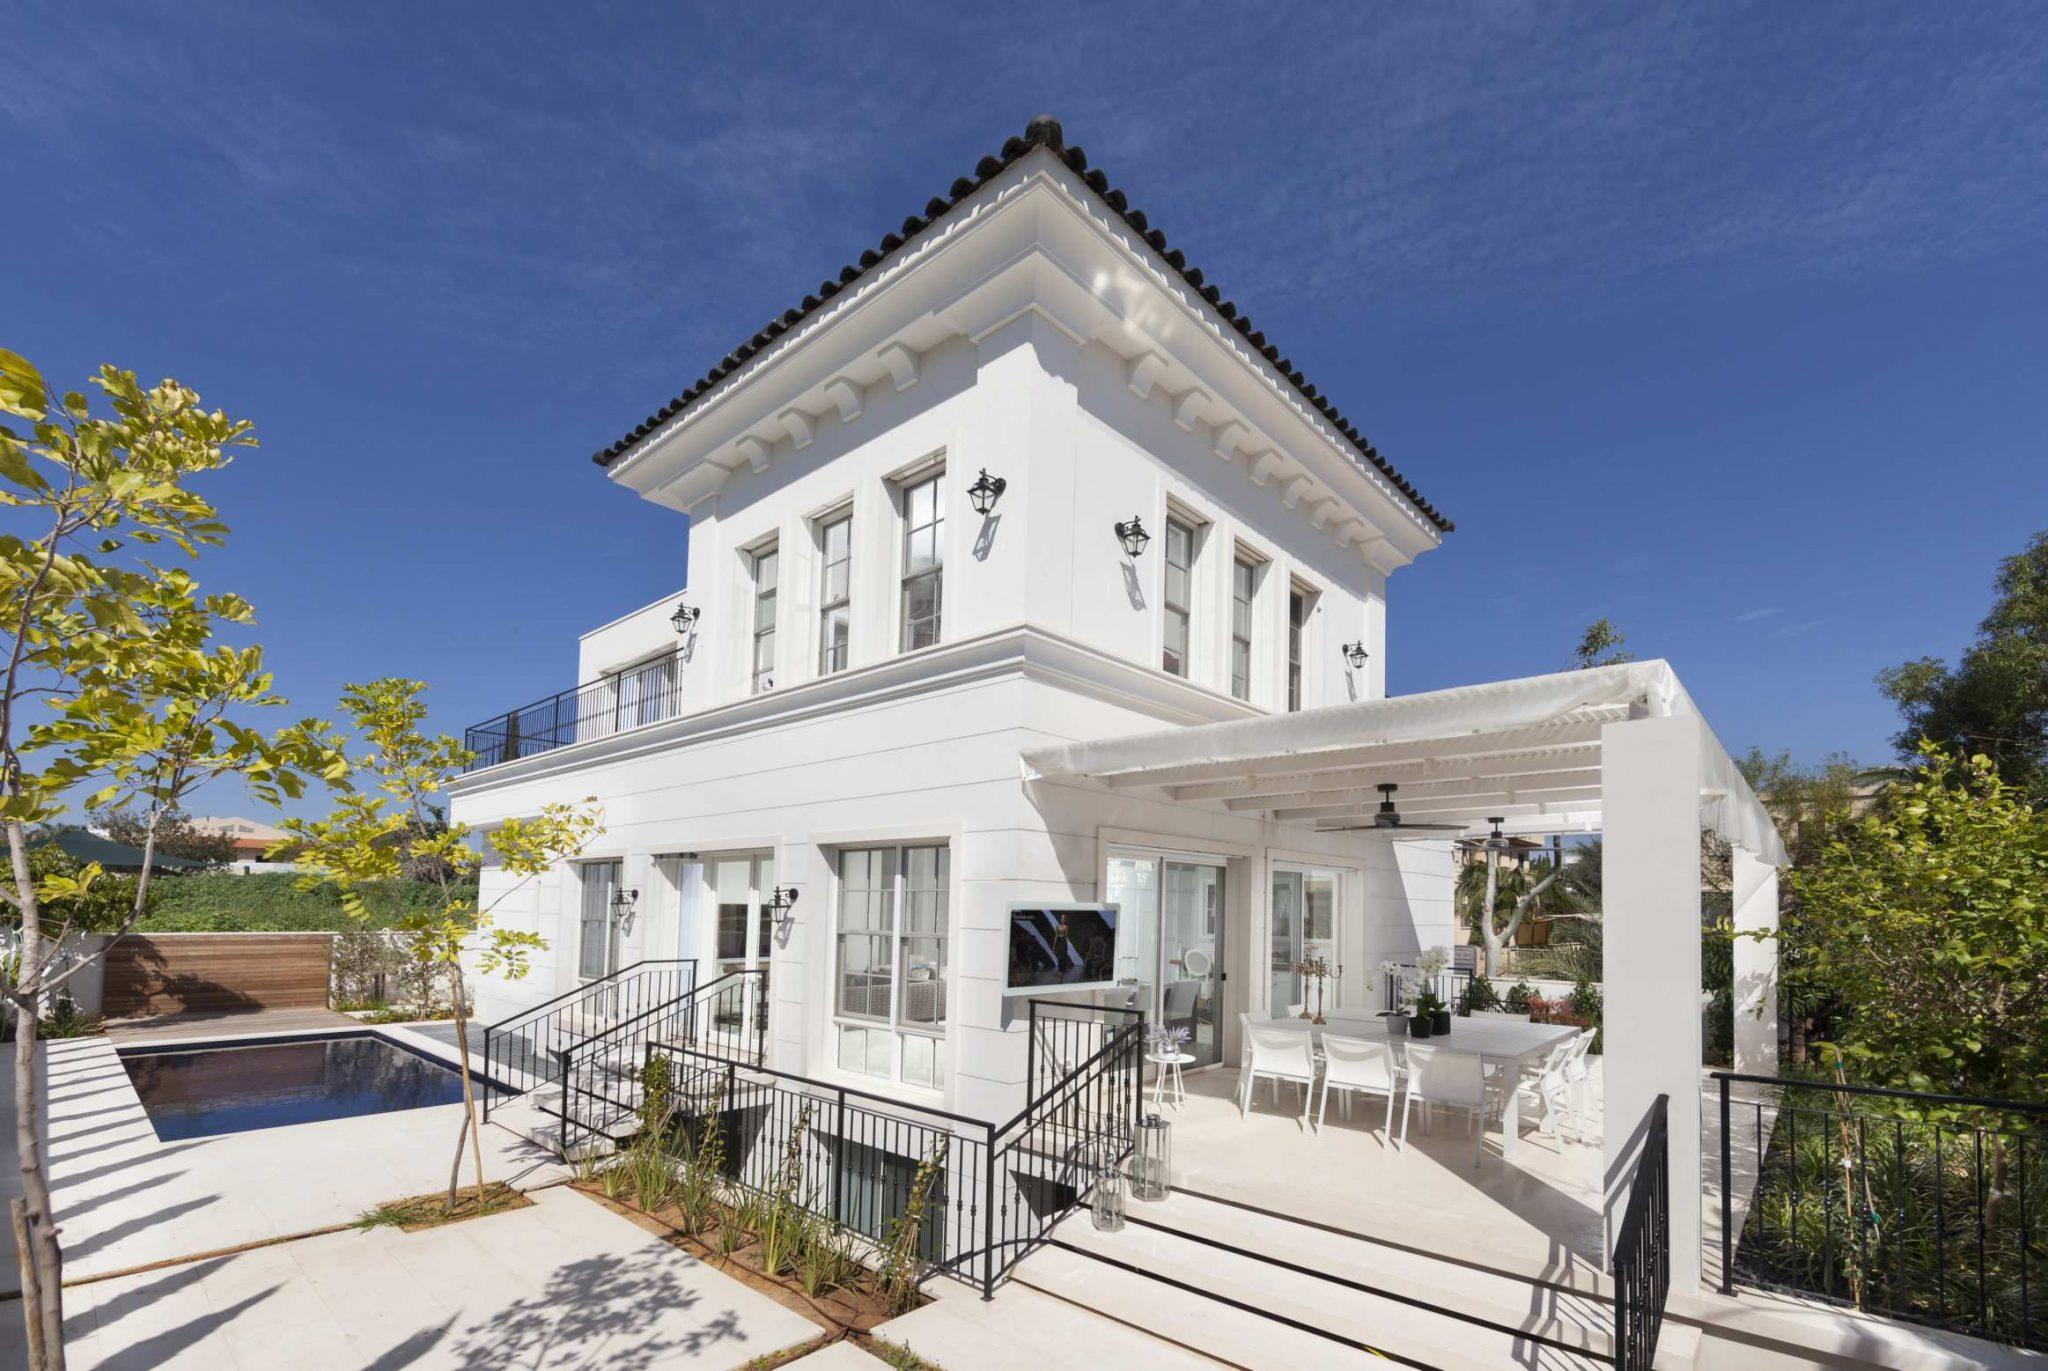 עיצוב פנים ואדריכלות בית בשרון בתים יפים בישראל